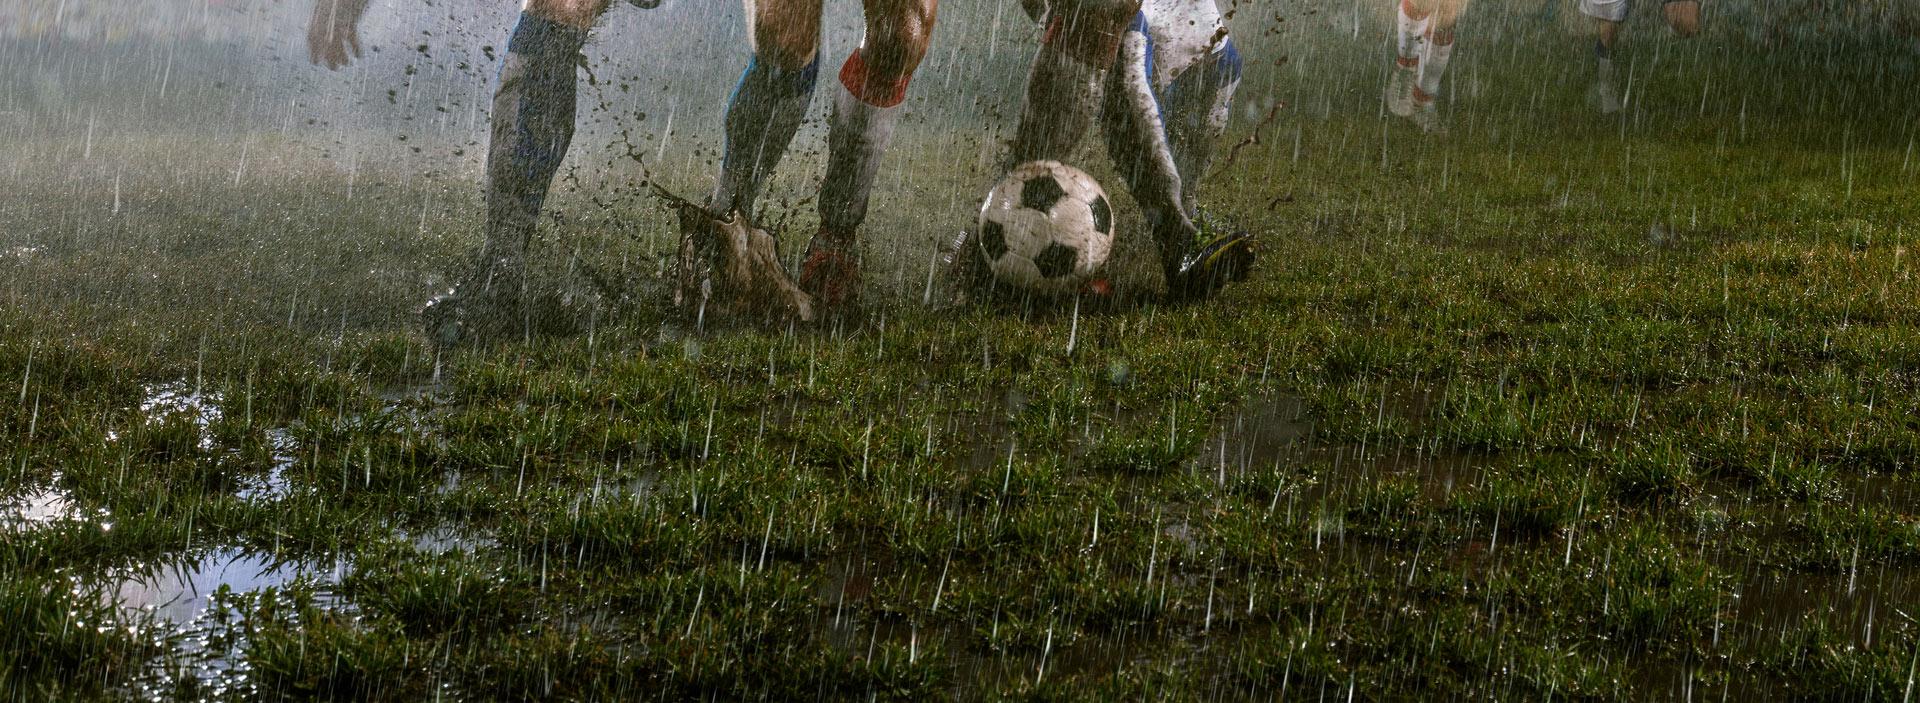 Terrain de sport humide